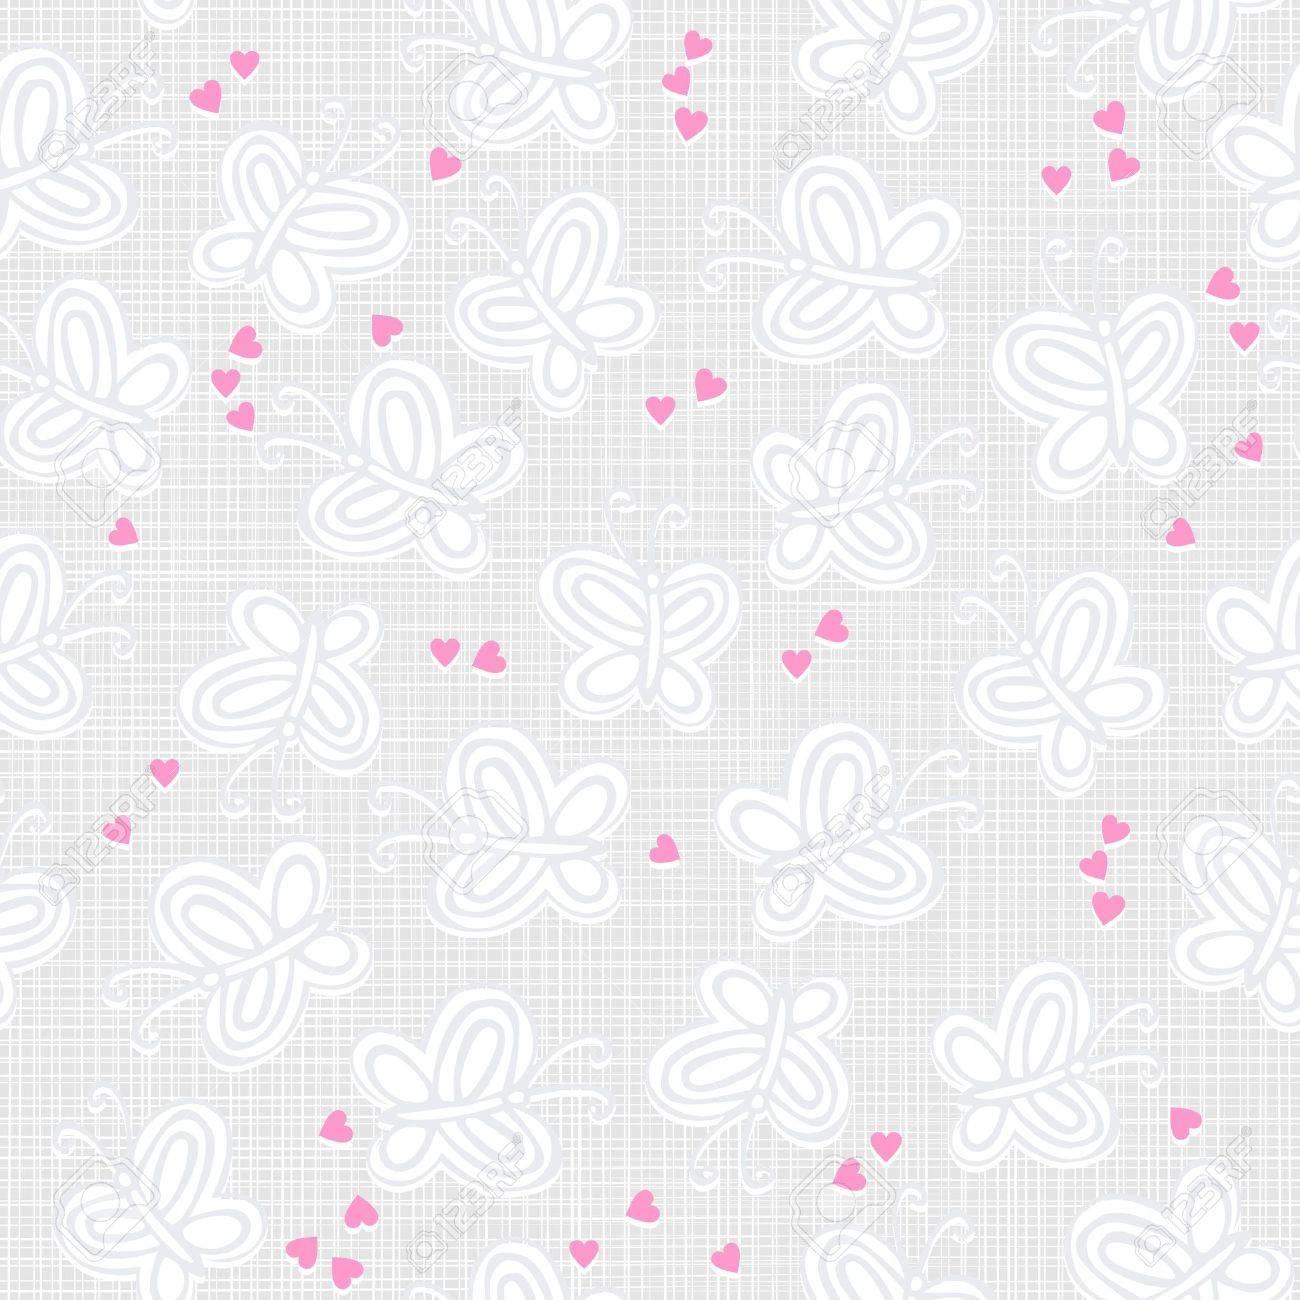 Vettoriale Farfalle Grigie E Bianche E Cuori Rosa Sulla Luce